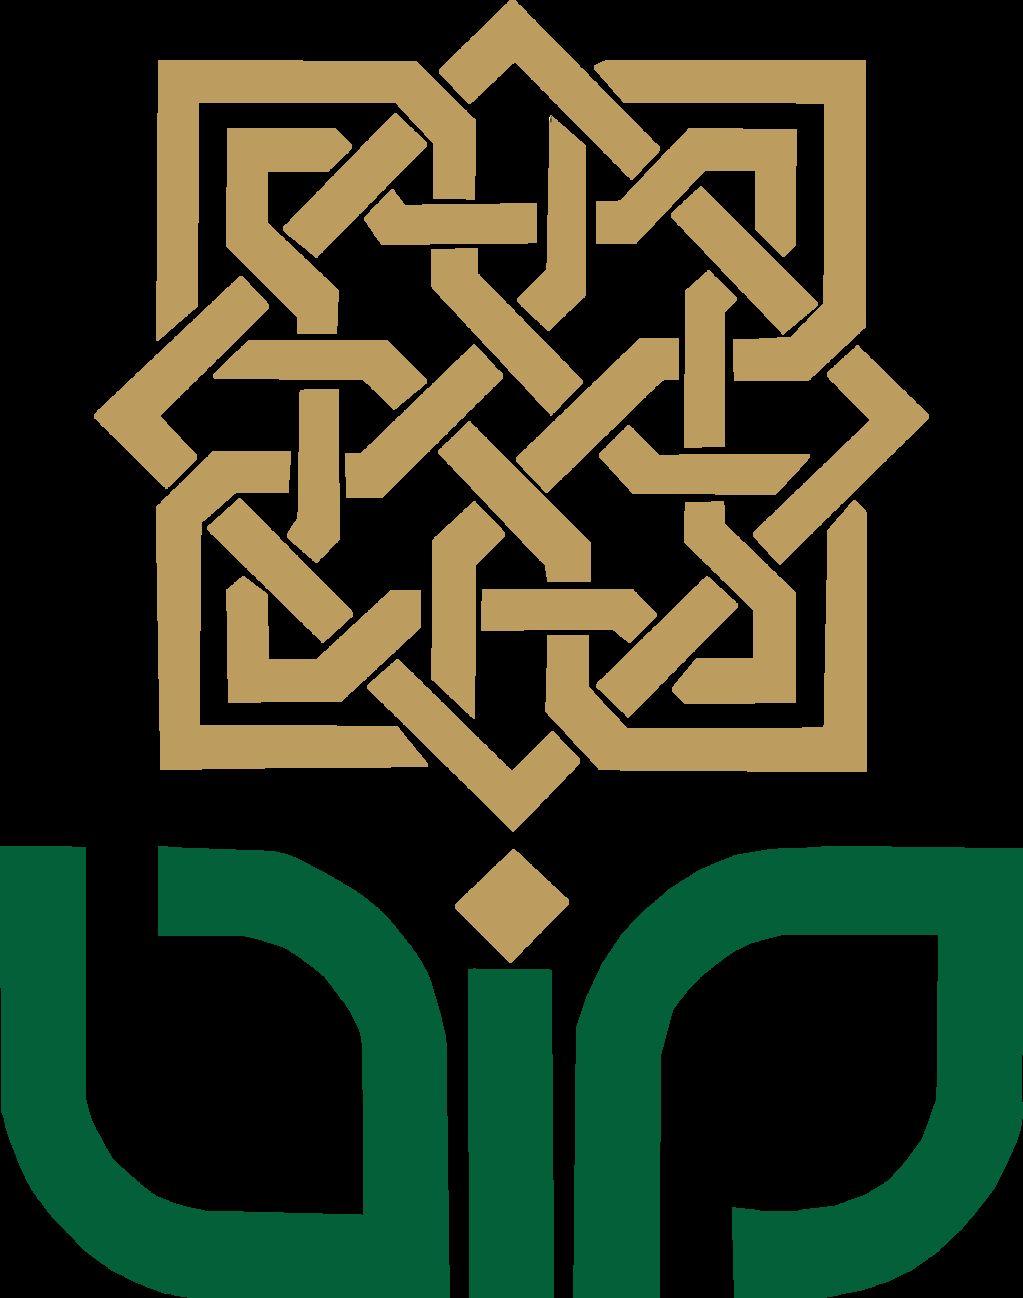 hukum kloning dalam perspektif islam Bioteknologi dalam perspektif islam 23 pages bioteknologi dalam perspektif islam uploaded by  kloning manusia menurut hukum islam haram dilakukan, .